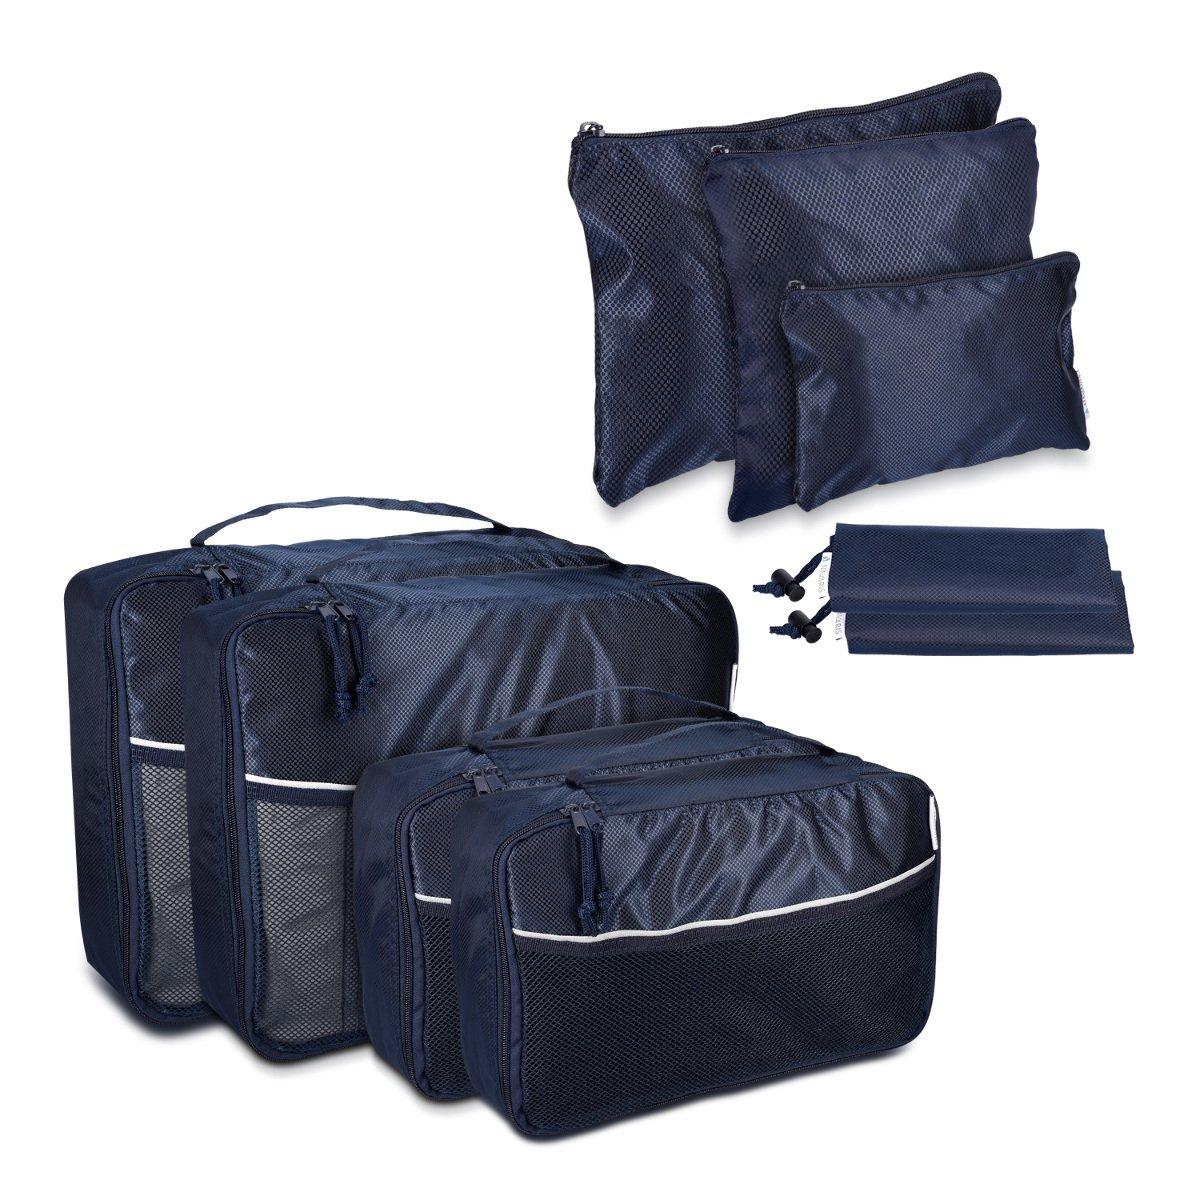 Set de 9 Bolsas para Maleta de Navaris en Azul Oscuro - Bolsas de Ropa Zapatos Ropa Sucia Mochila Organizador de Maleta Equipaje Viaje Vacaciones KW-Commerce 39530.17_m000626